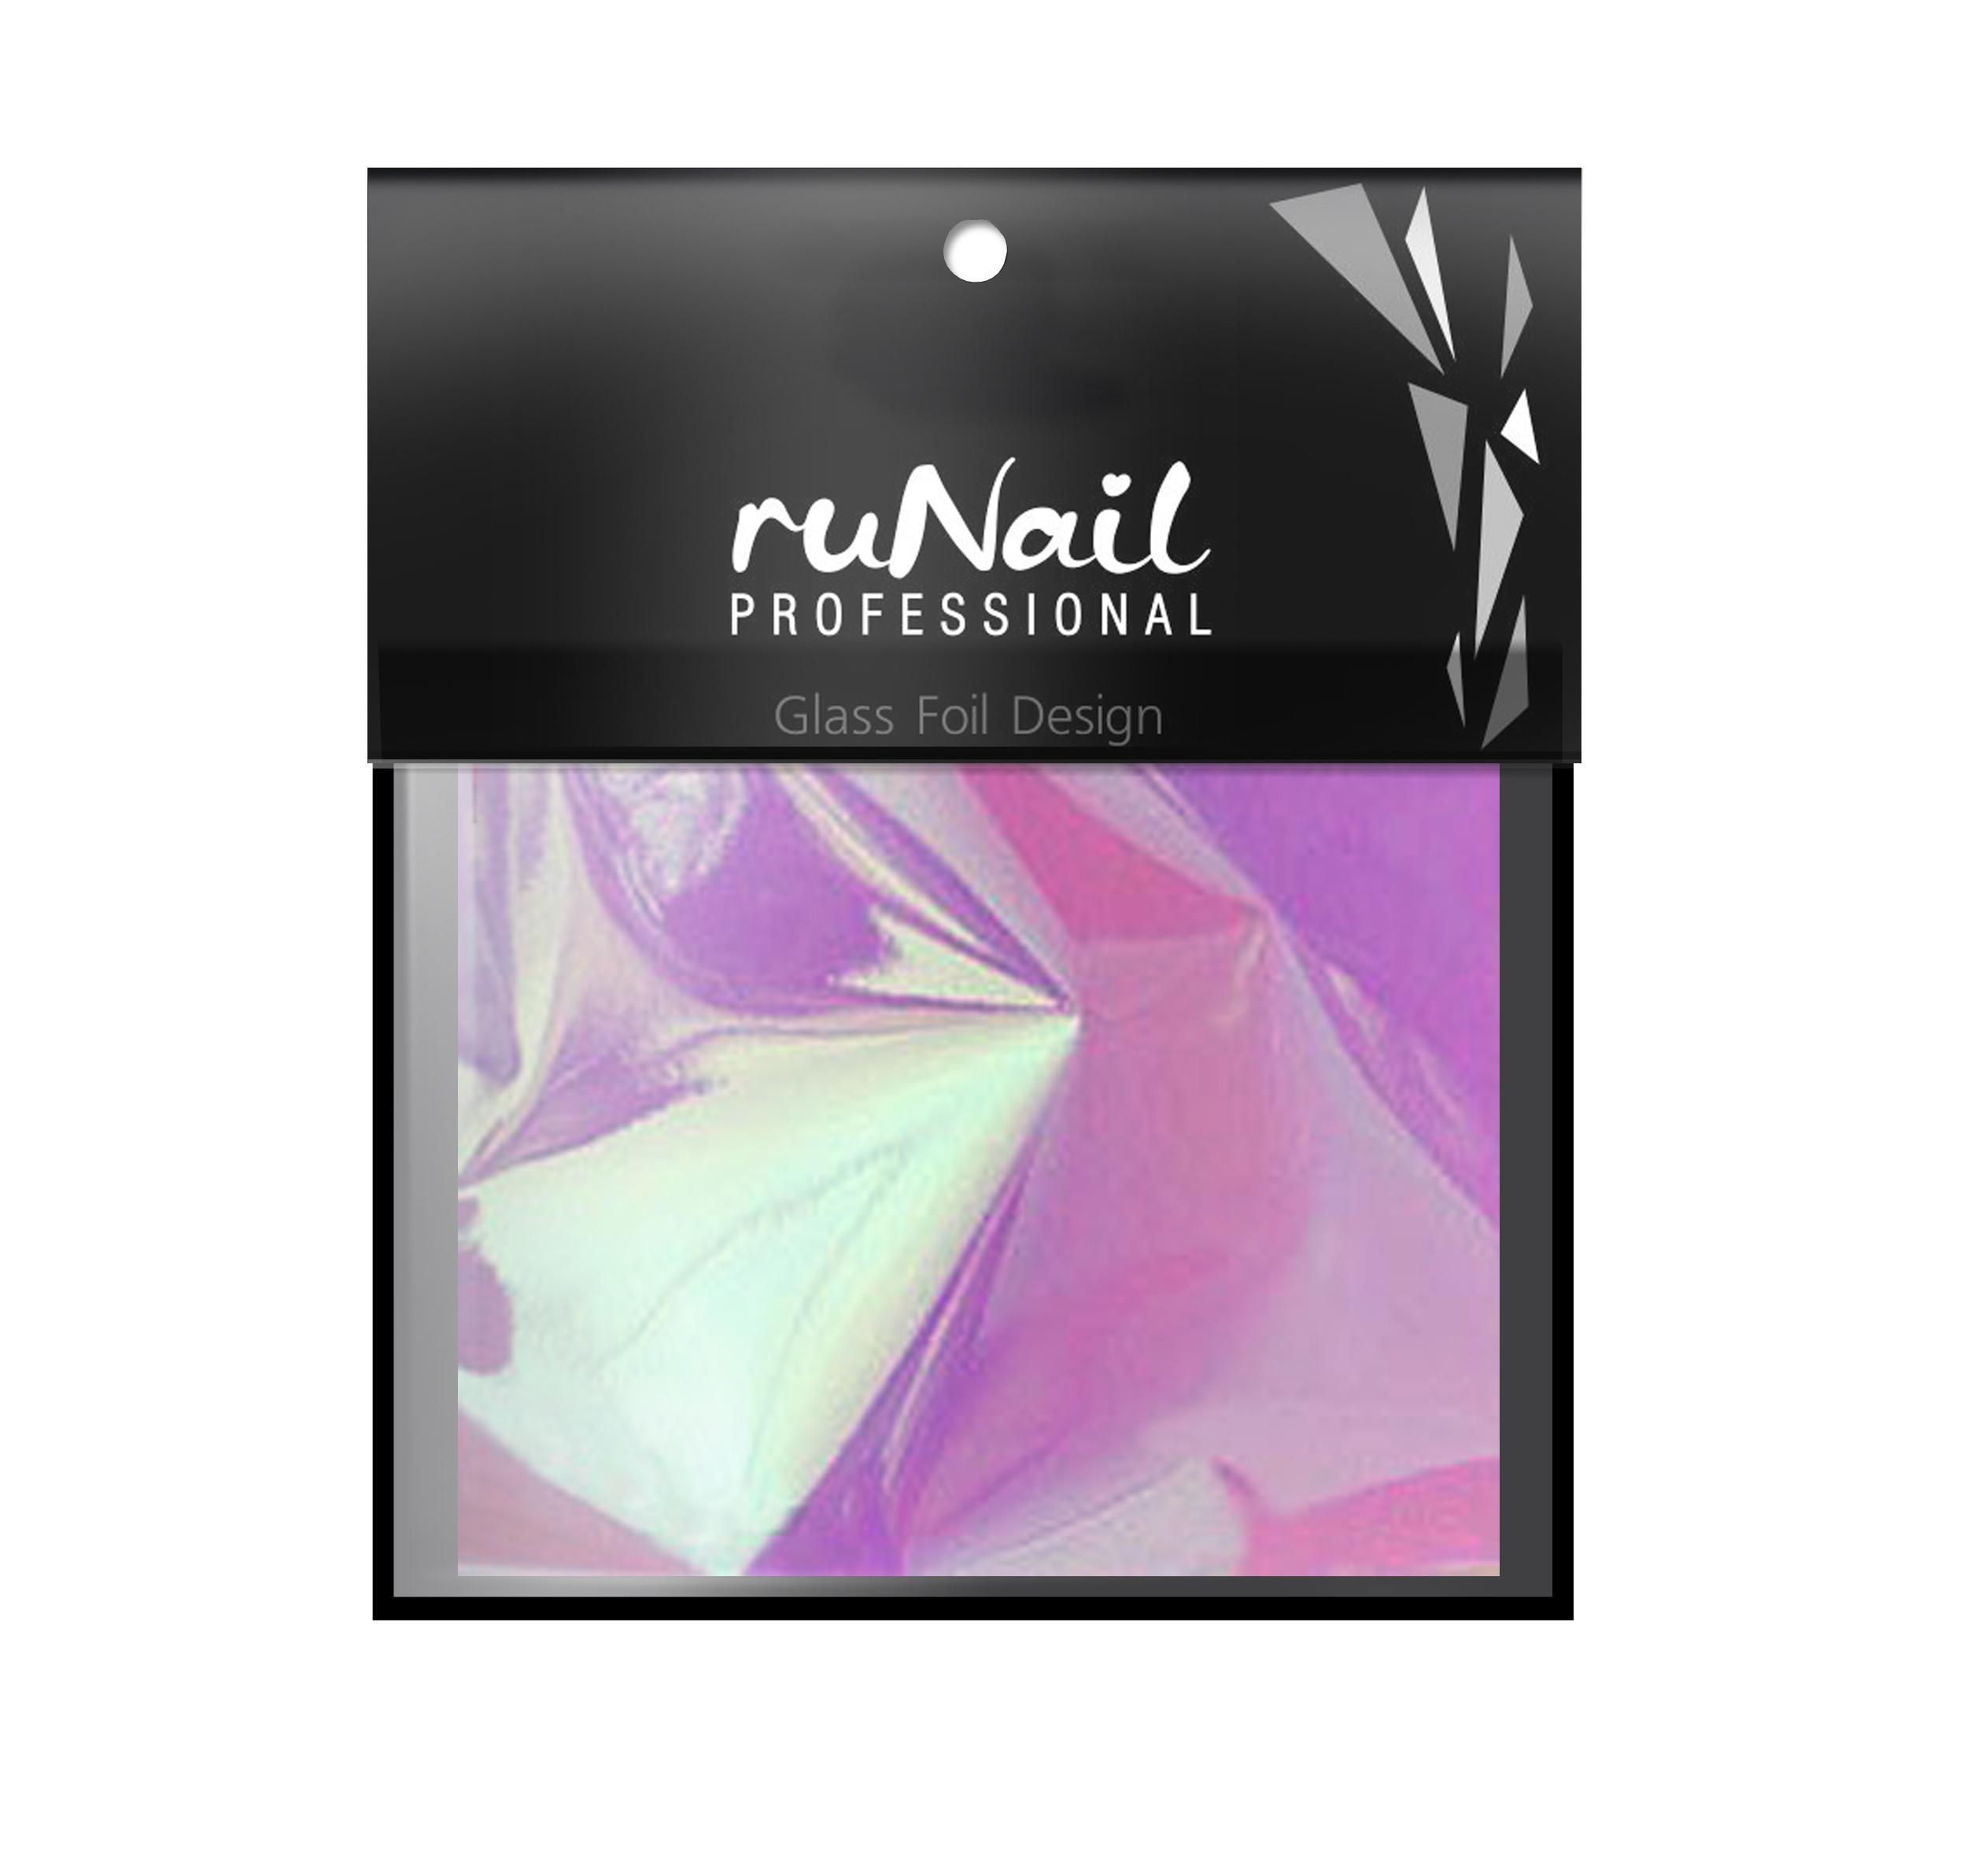 """RuNail Дизайн для ногтей: фольга с эффектом """"Битое стекло""""(цвет сиреневый), 4х100см"""